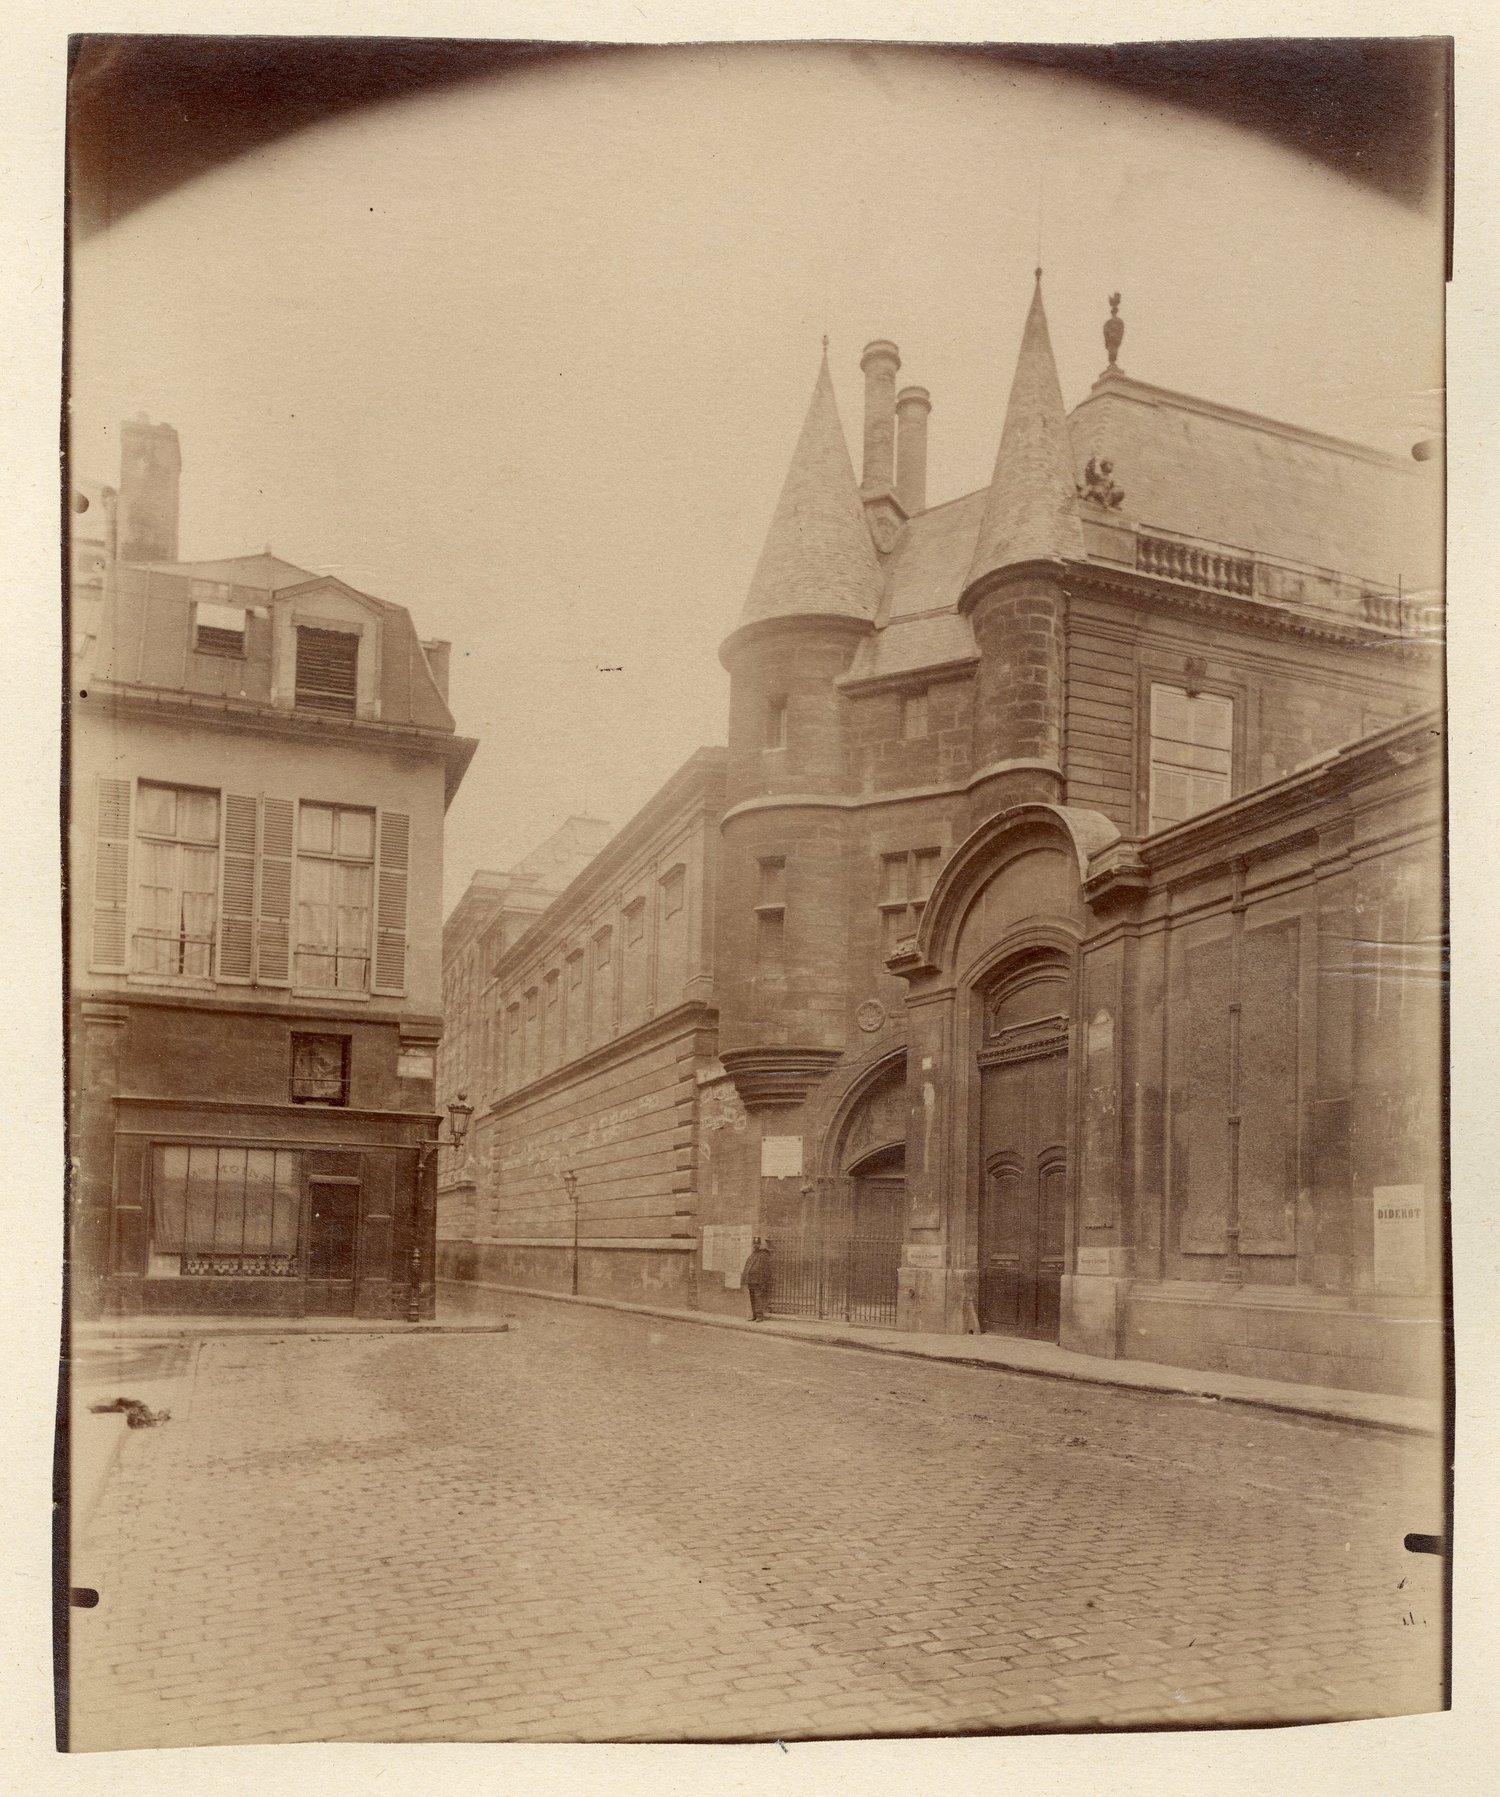 Image of E. Atget: Portail rue du Temple, Paris 3e, ca. 1910